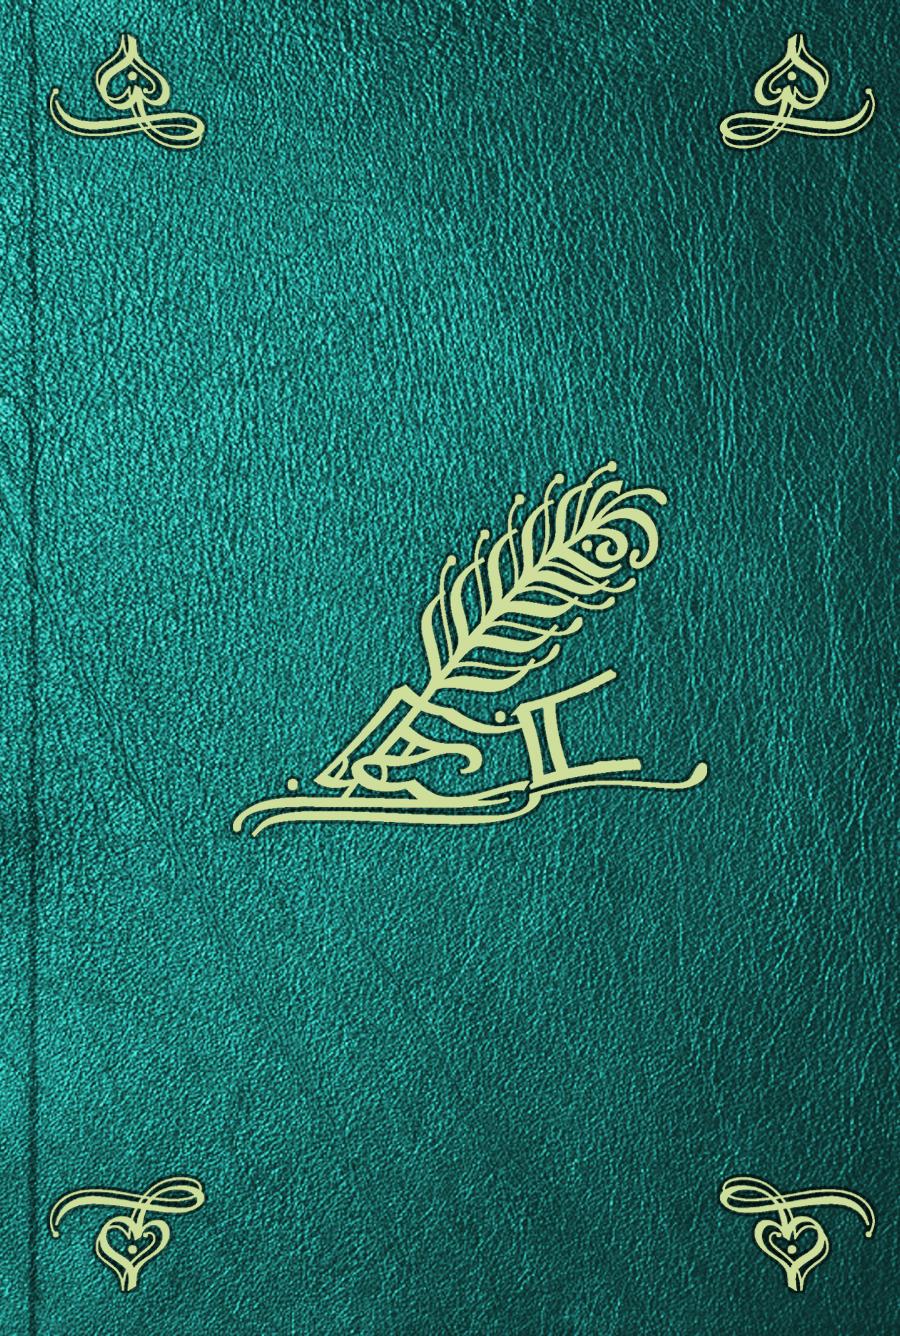 Ignatius Aurelius Fessler Die Geschichten der Ungern und ihrer Landsassen. T. 3 ignatius aurelius fessler gemaelde aus den alten zeiten der hungarn 1 band